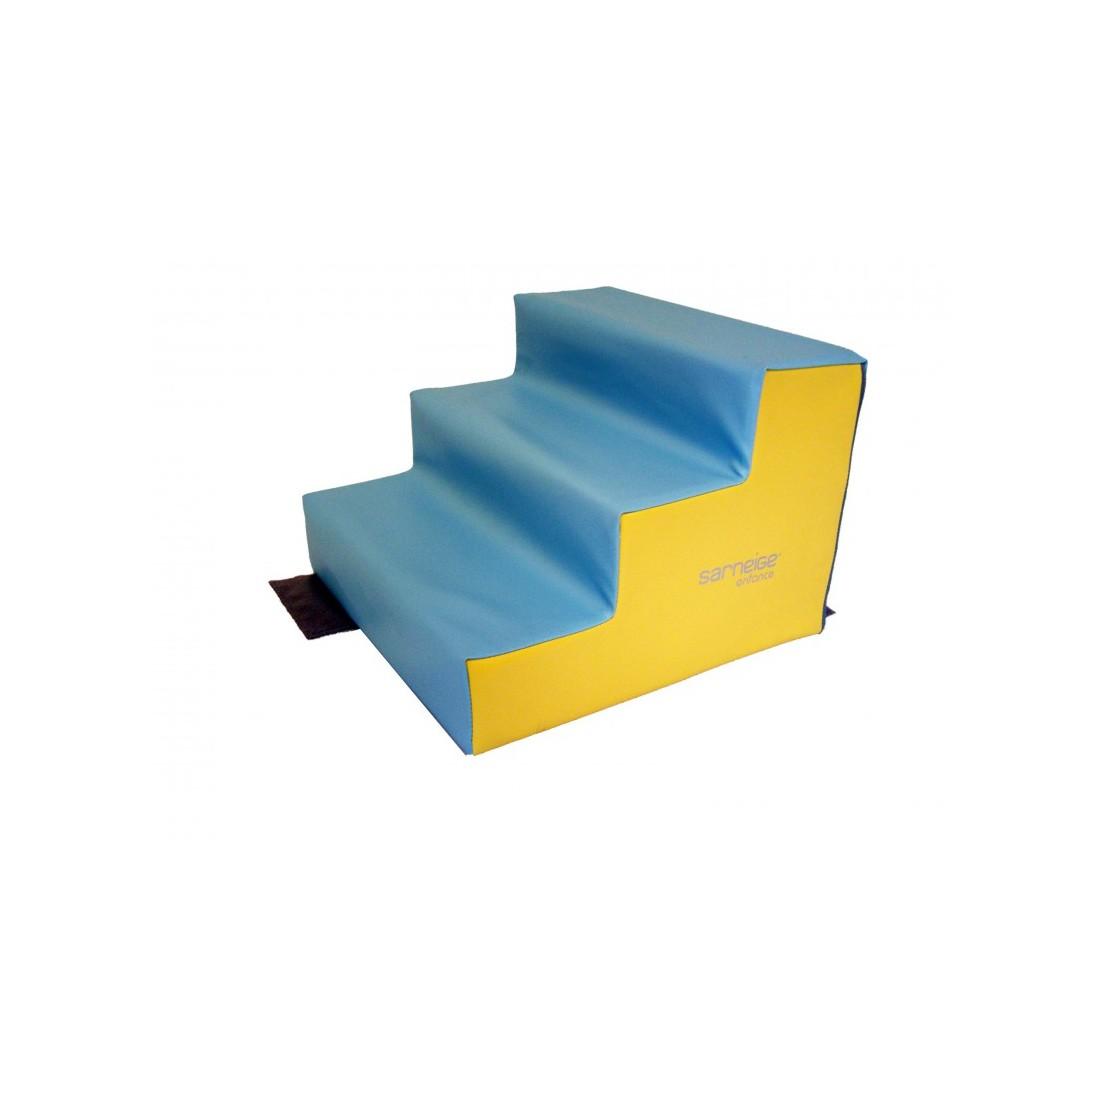 escalier 3 marches sarneige cr che en mousse module de. Black Bedroom Furniture Sets. Home Design Ideas